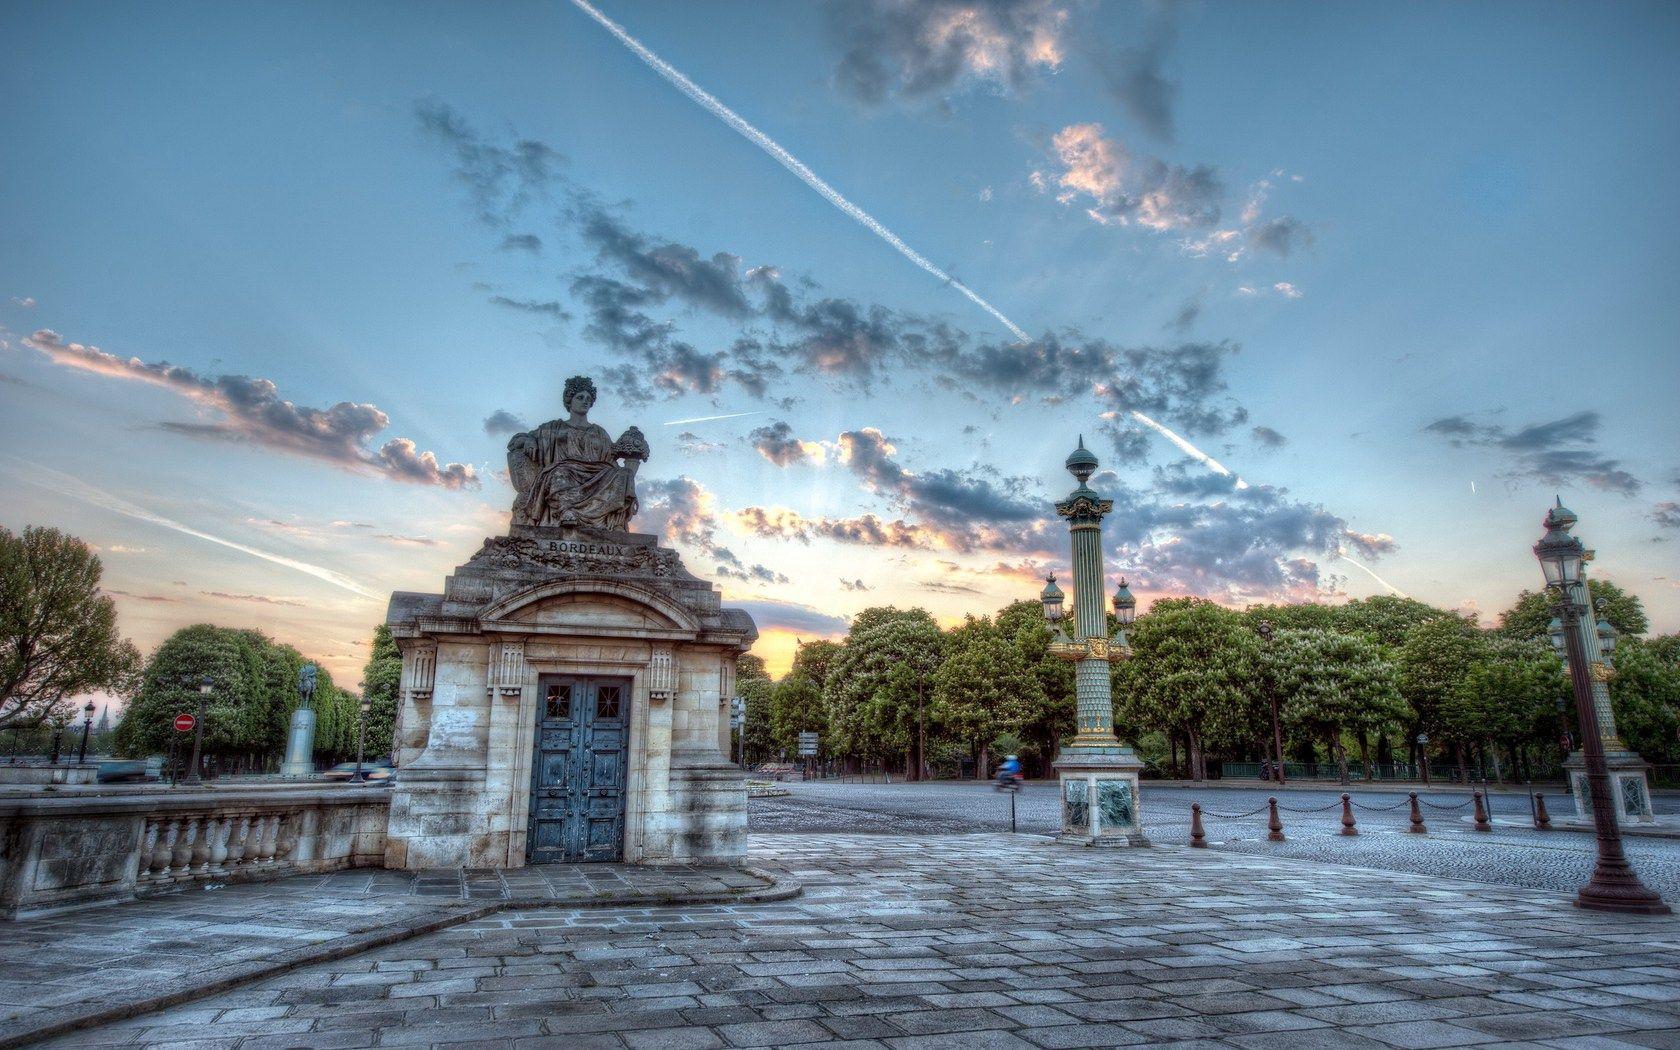 63095壁紙のダウンロードパリ, フランス, 建物, Hdr, 都市-スクリーンセーバーと写真を無料で